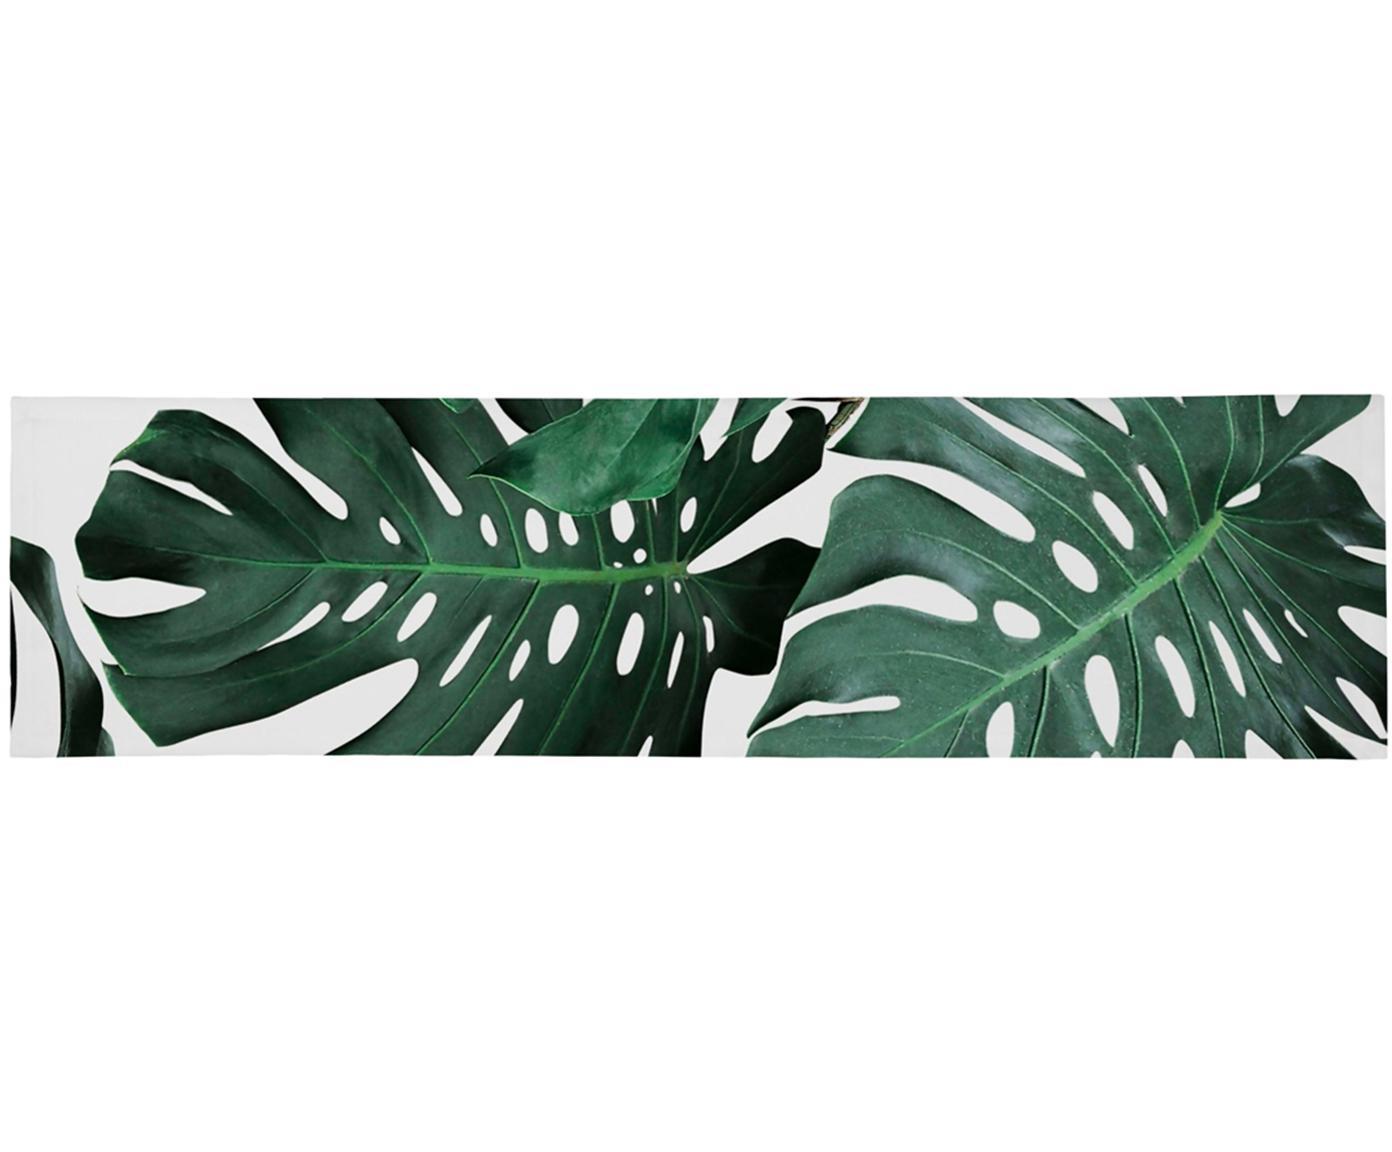 Tafelloper Monstera, Polyester, Groen, wit, 40 x 150 cm